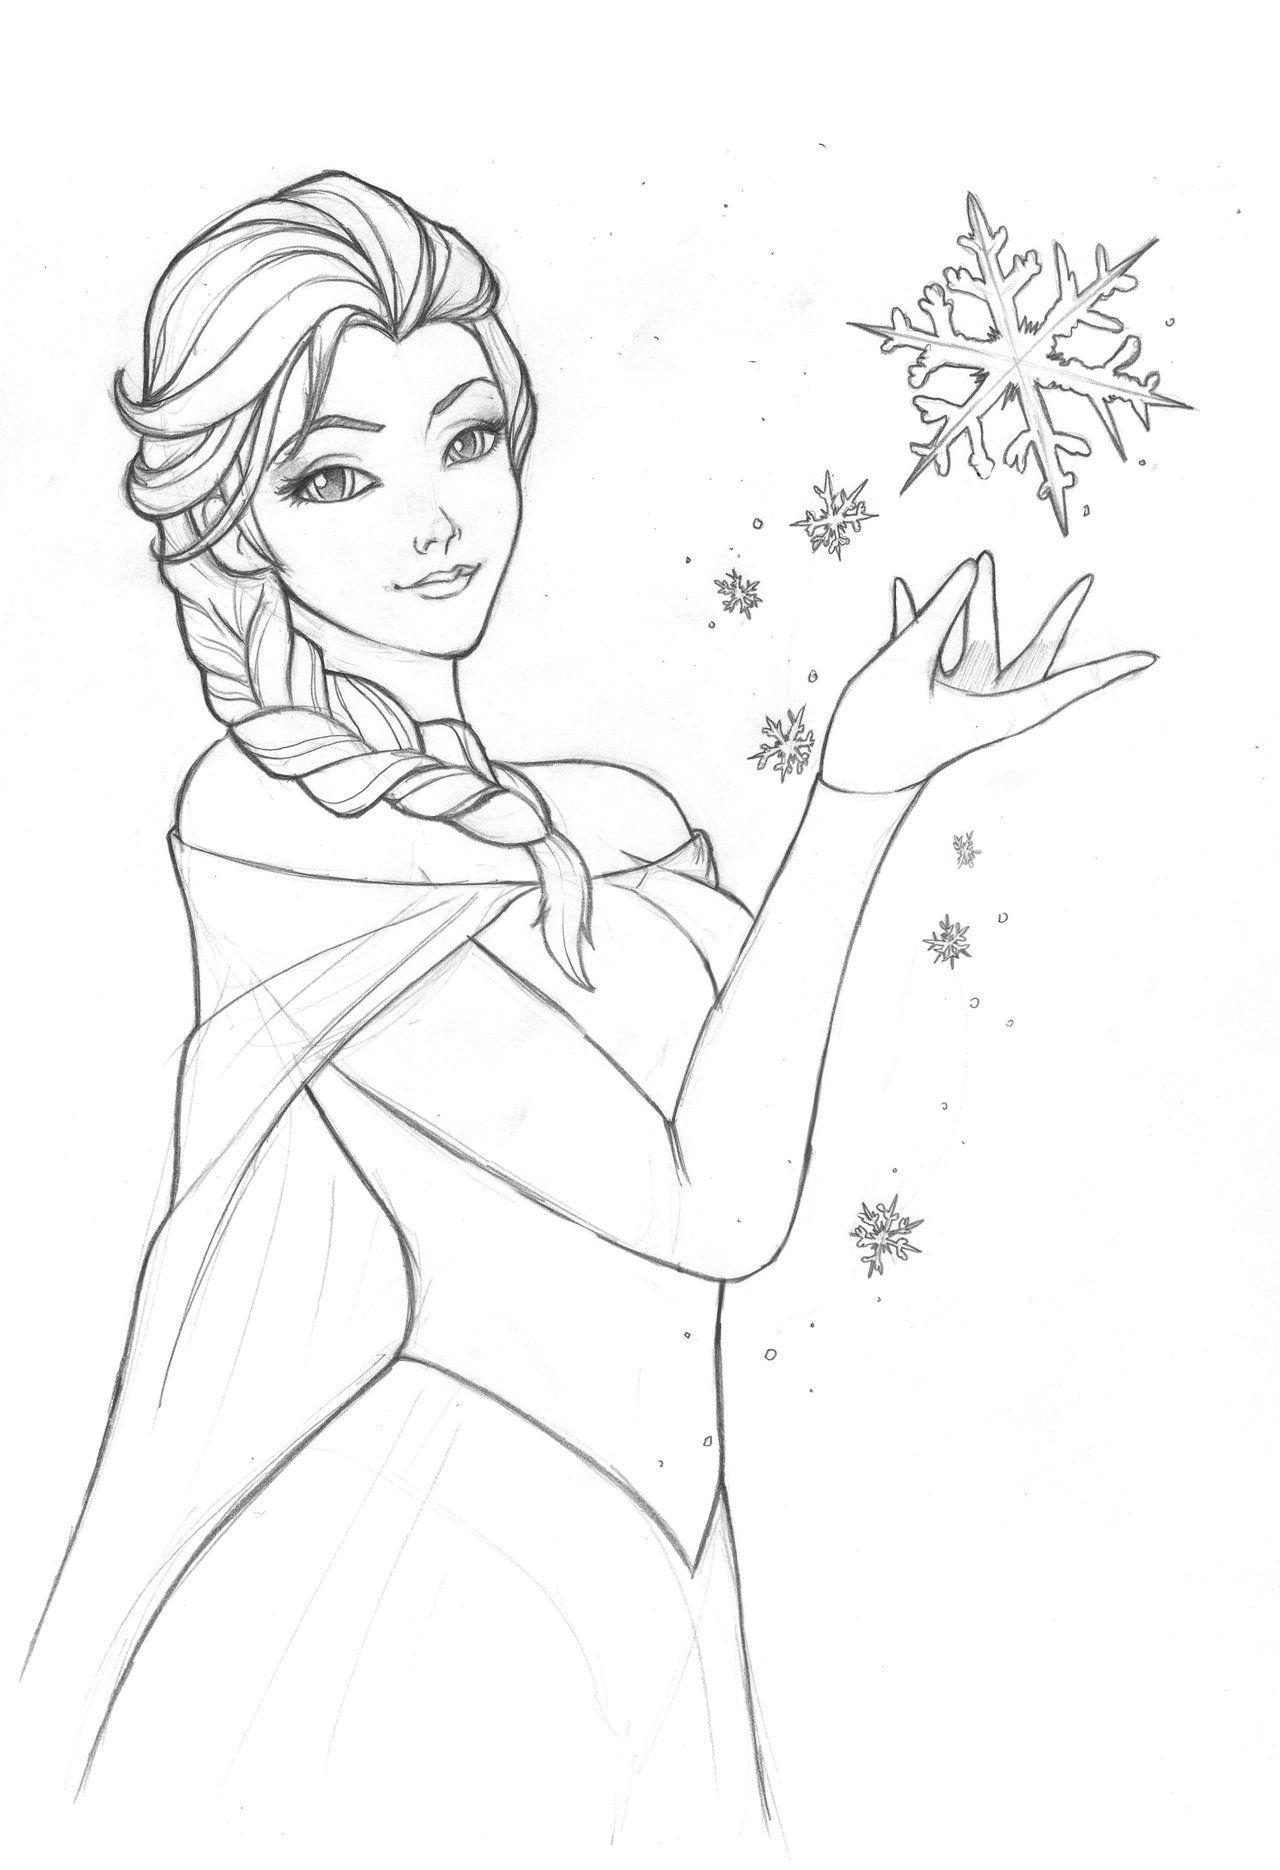 Elsa By Ekkimu On Deviantart Elsa Disney Sketches Art [ 1870 x 1280 Pixel ]